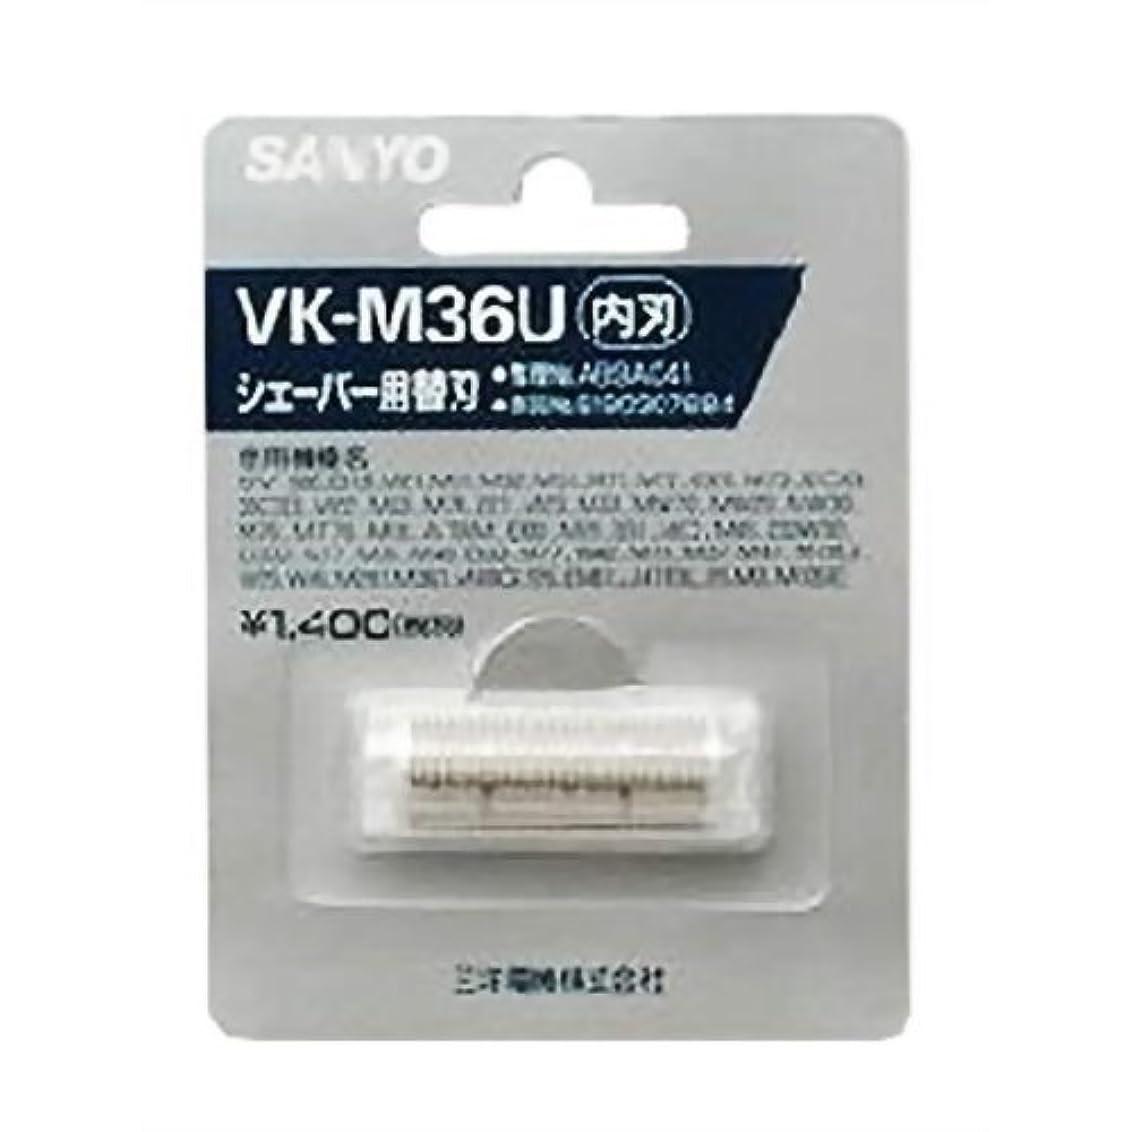 幽霊延ばす公然とSANYO シェーバー用替刃 内刃 KA-VK-M36U